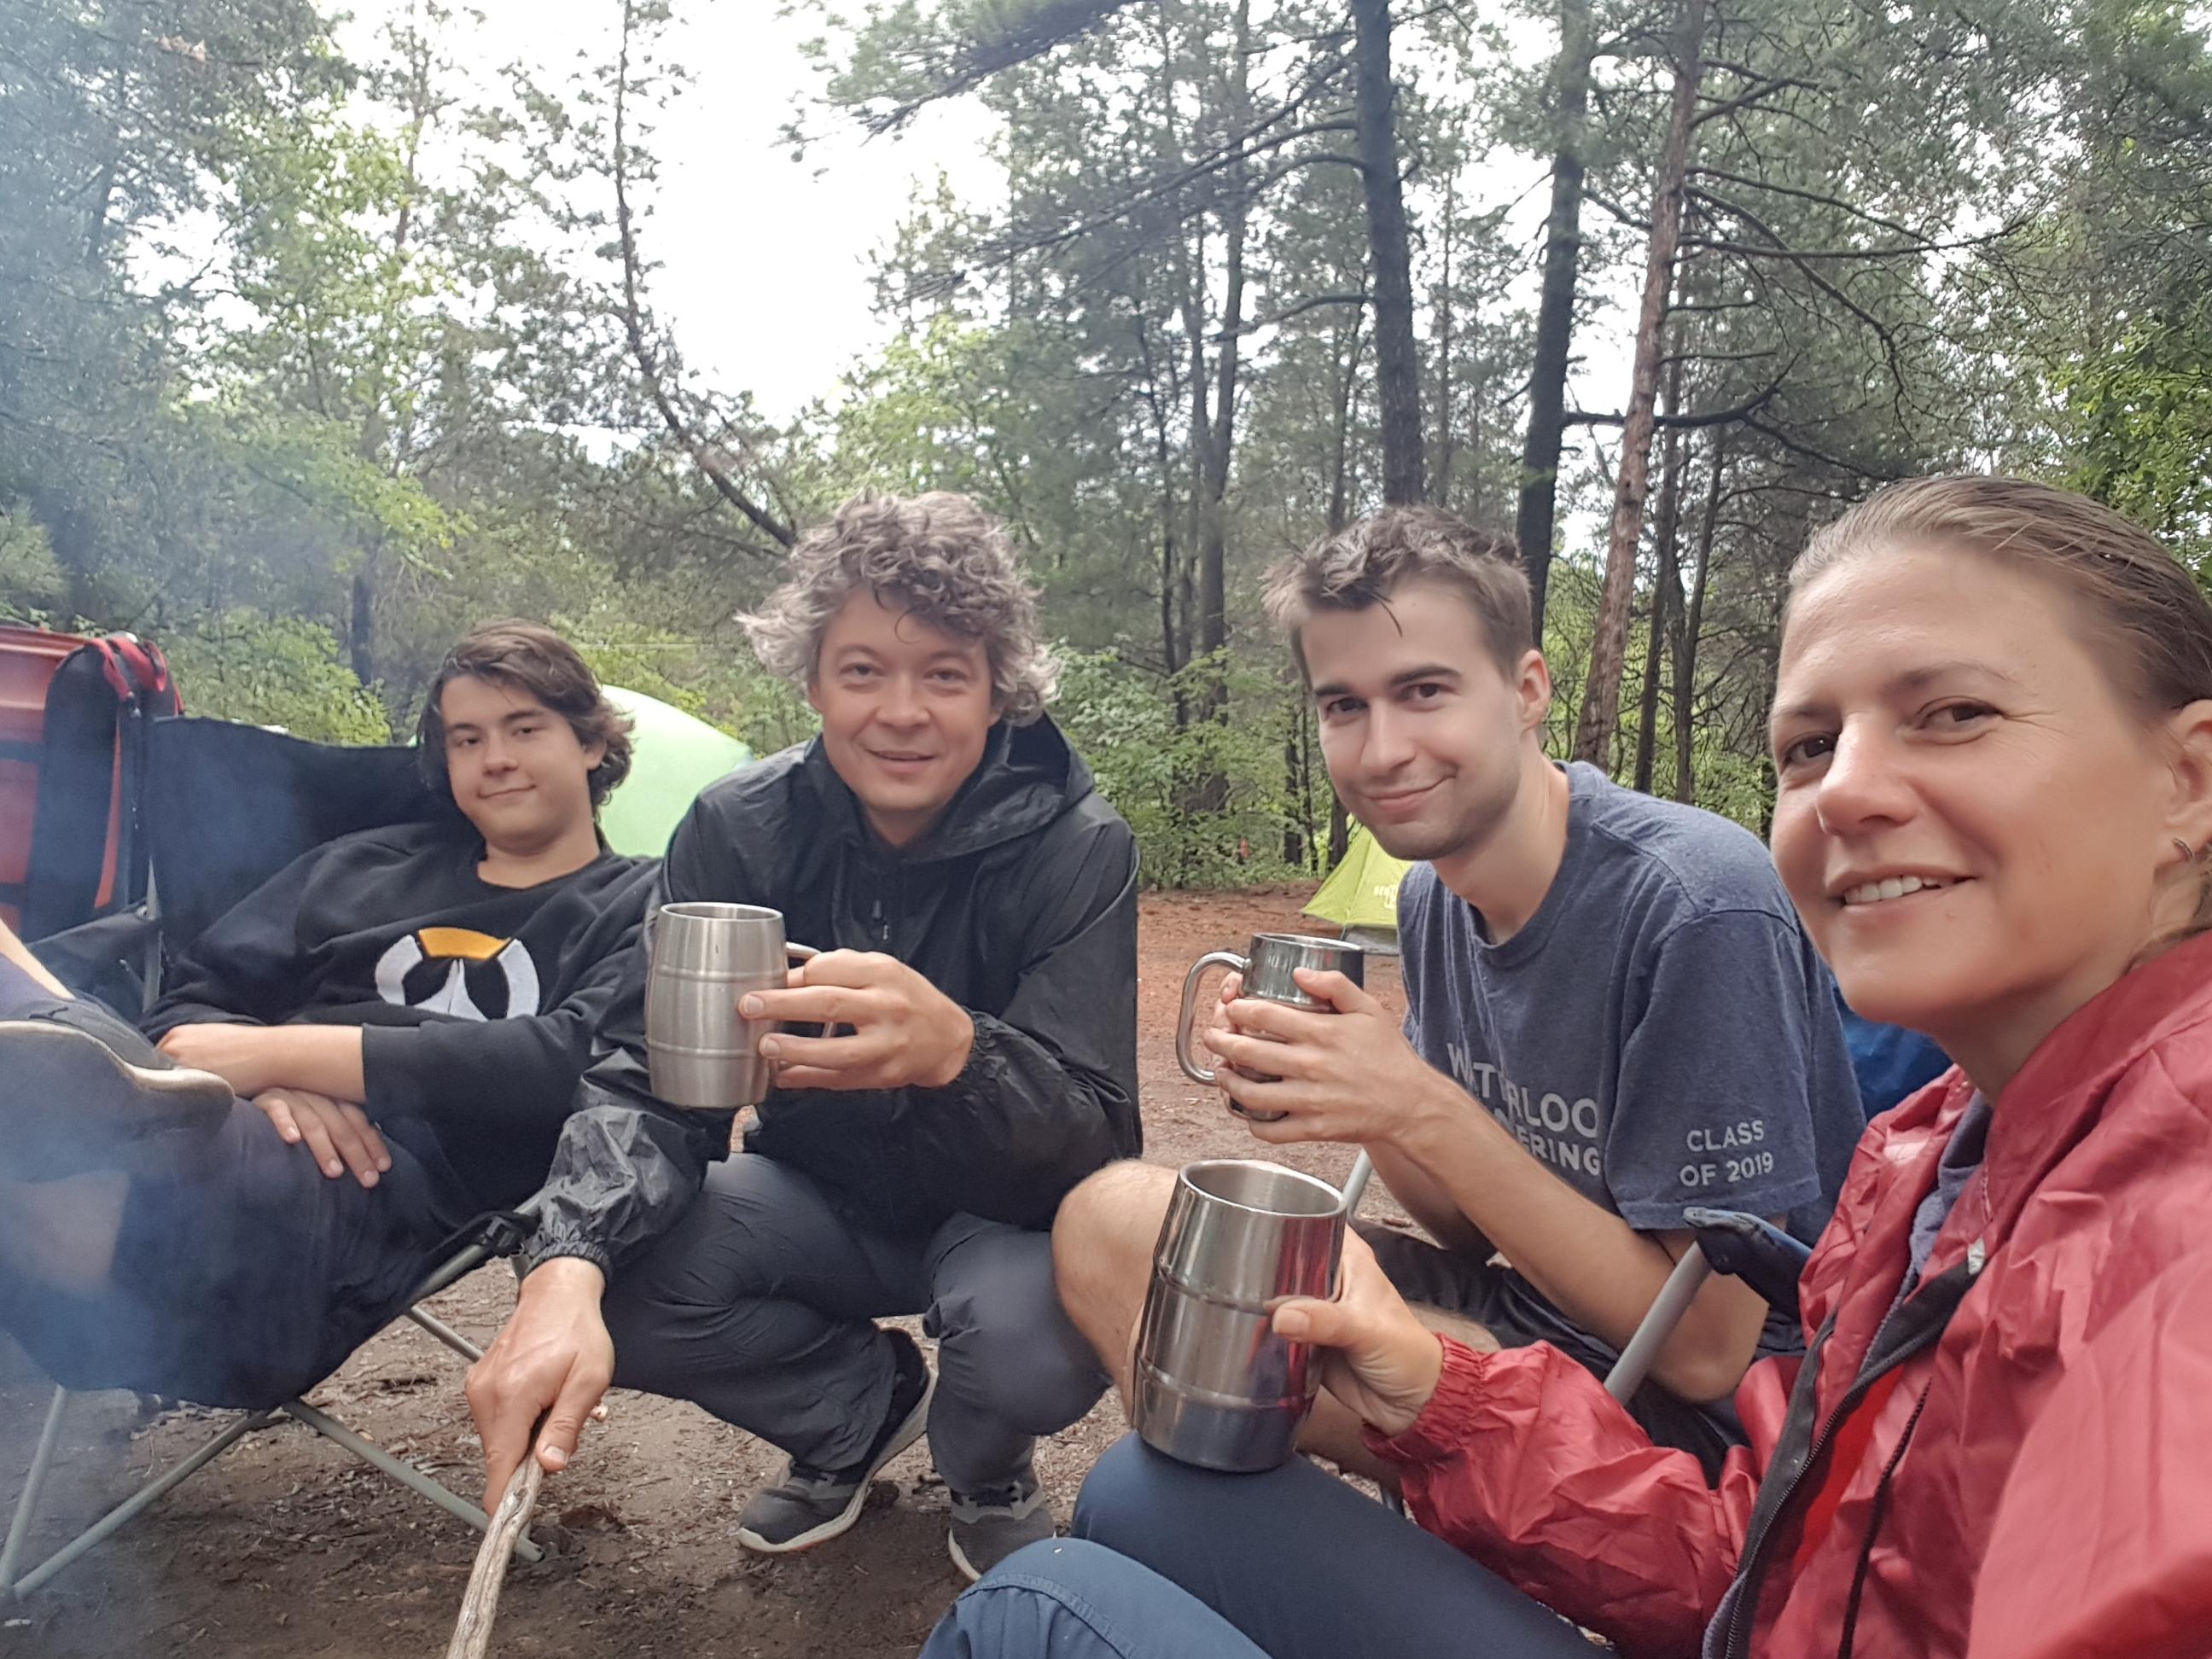 camping at Pinery